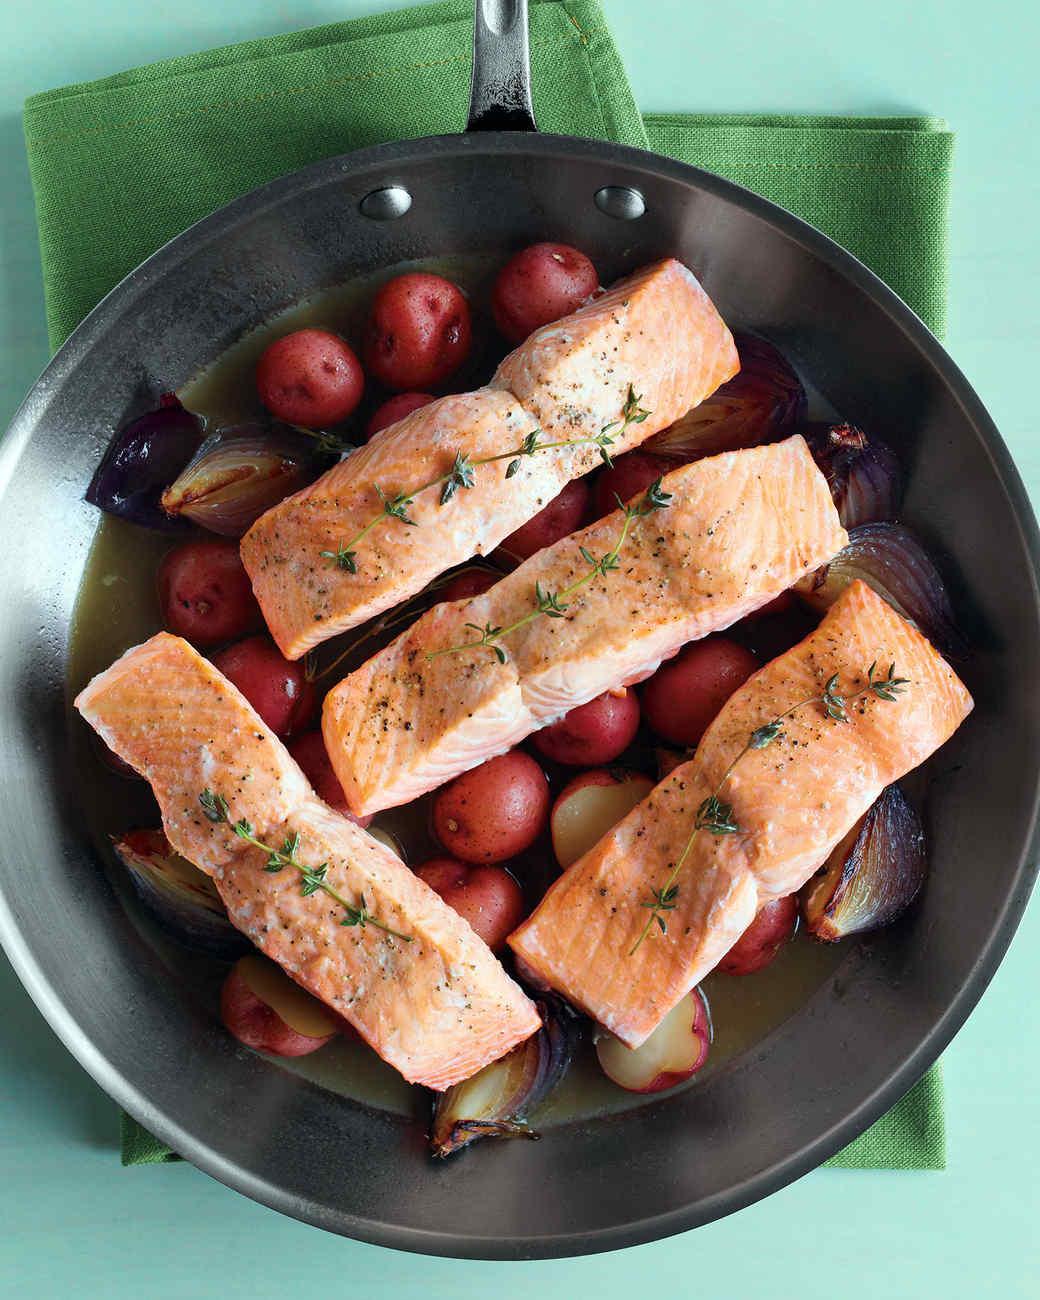 med106330_1210_bag_salmon.jpg